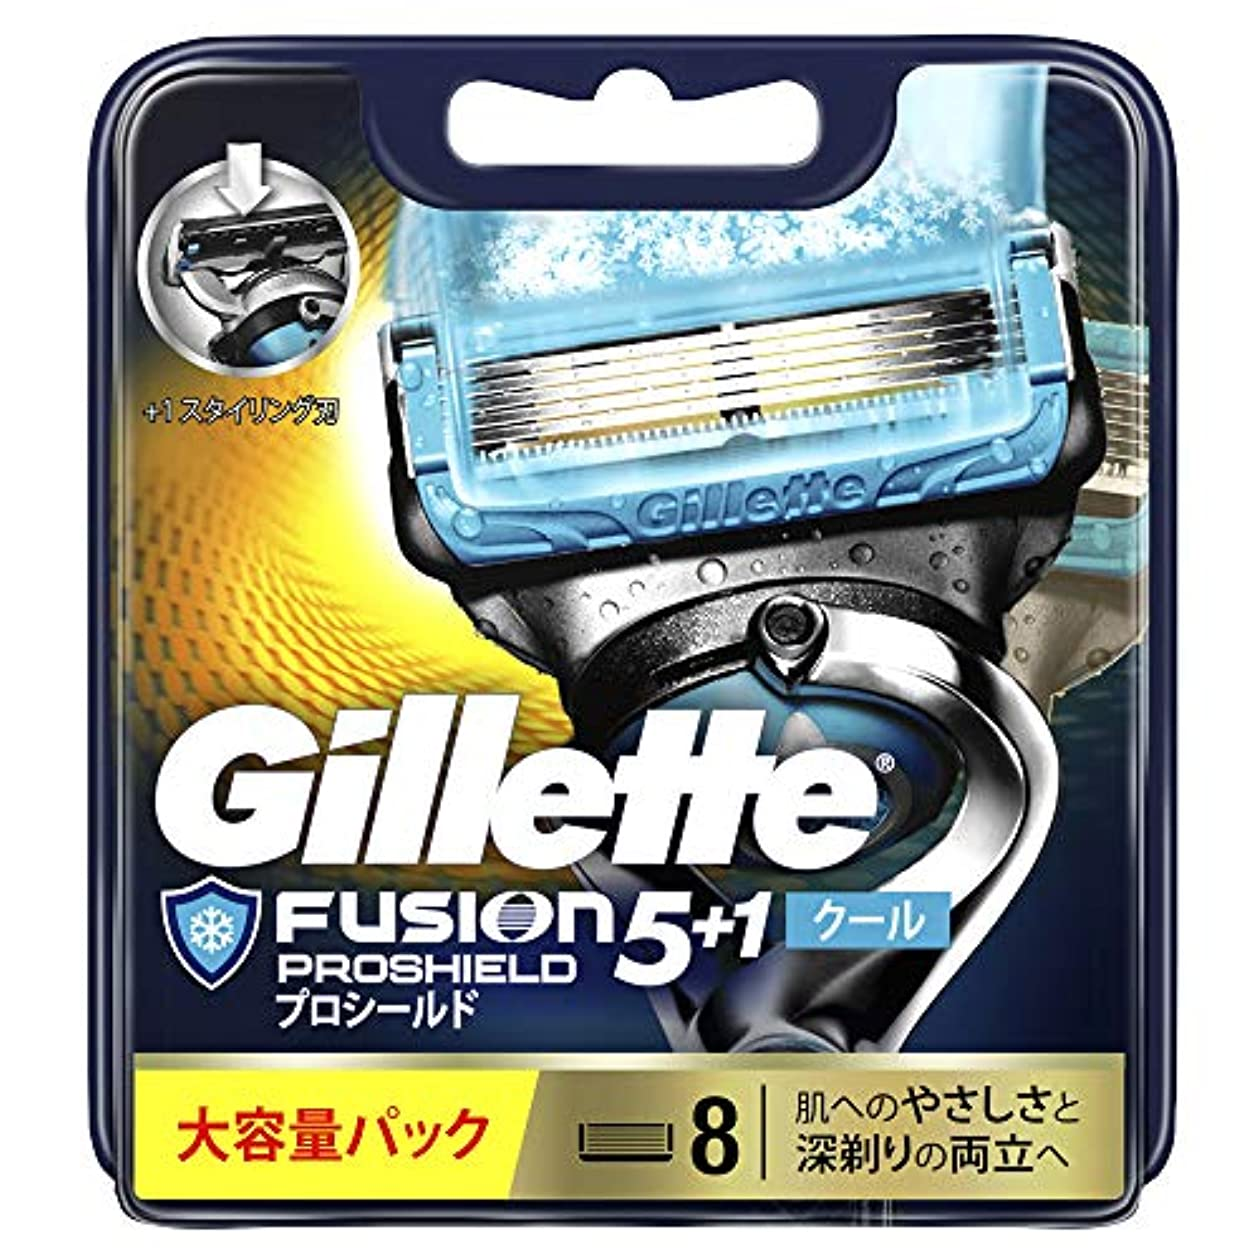 テストファンシー感心するジレット 髭剃り フュージョン5+1 プロシールド クール 替刃 8個入